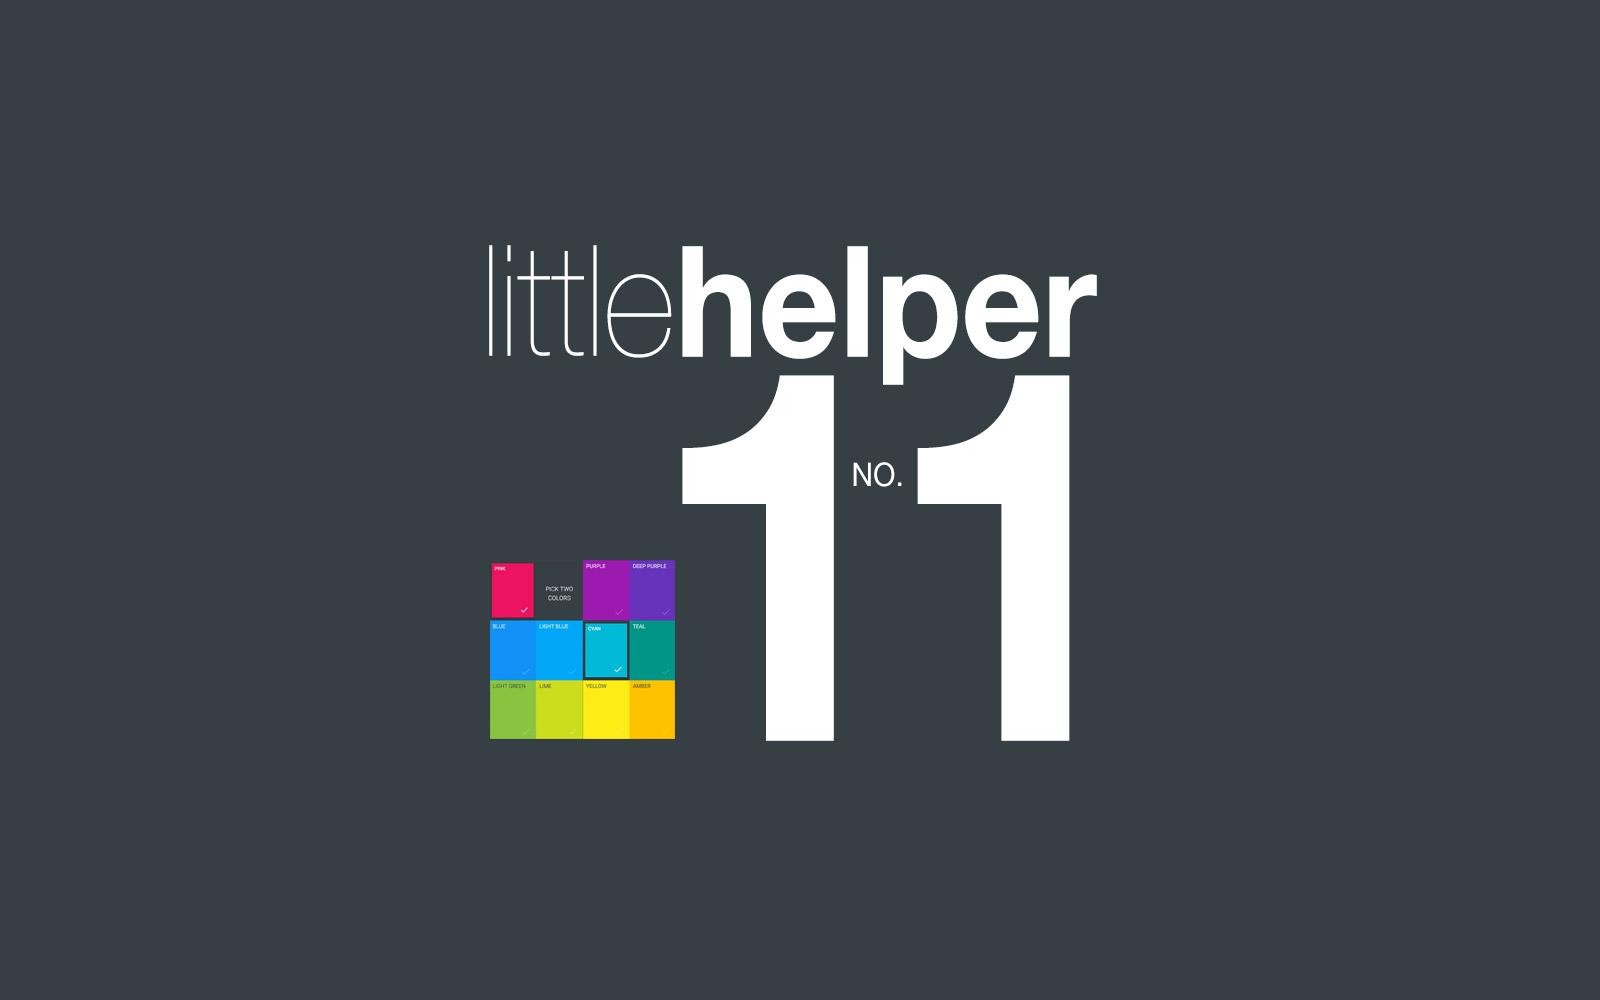 Helper11-teaser